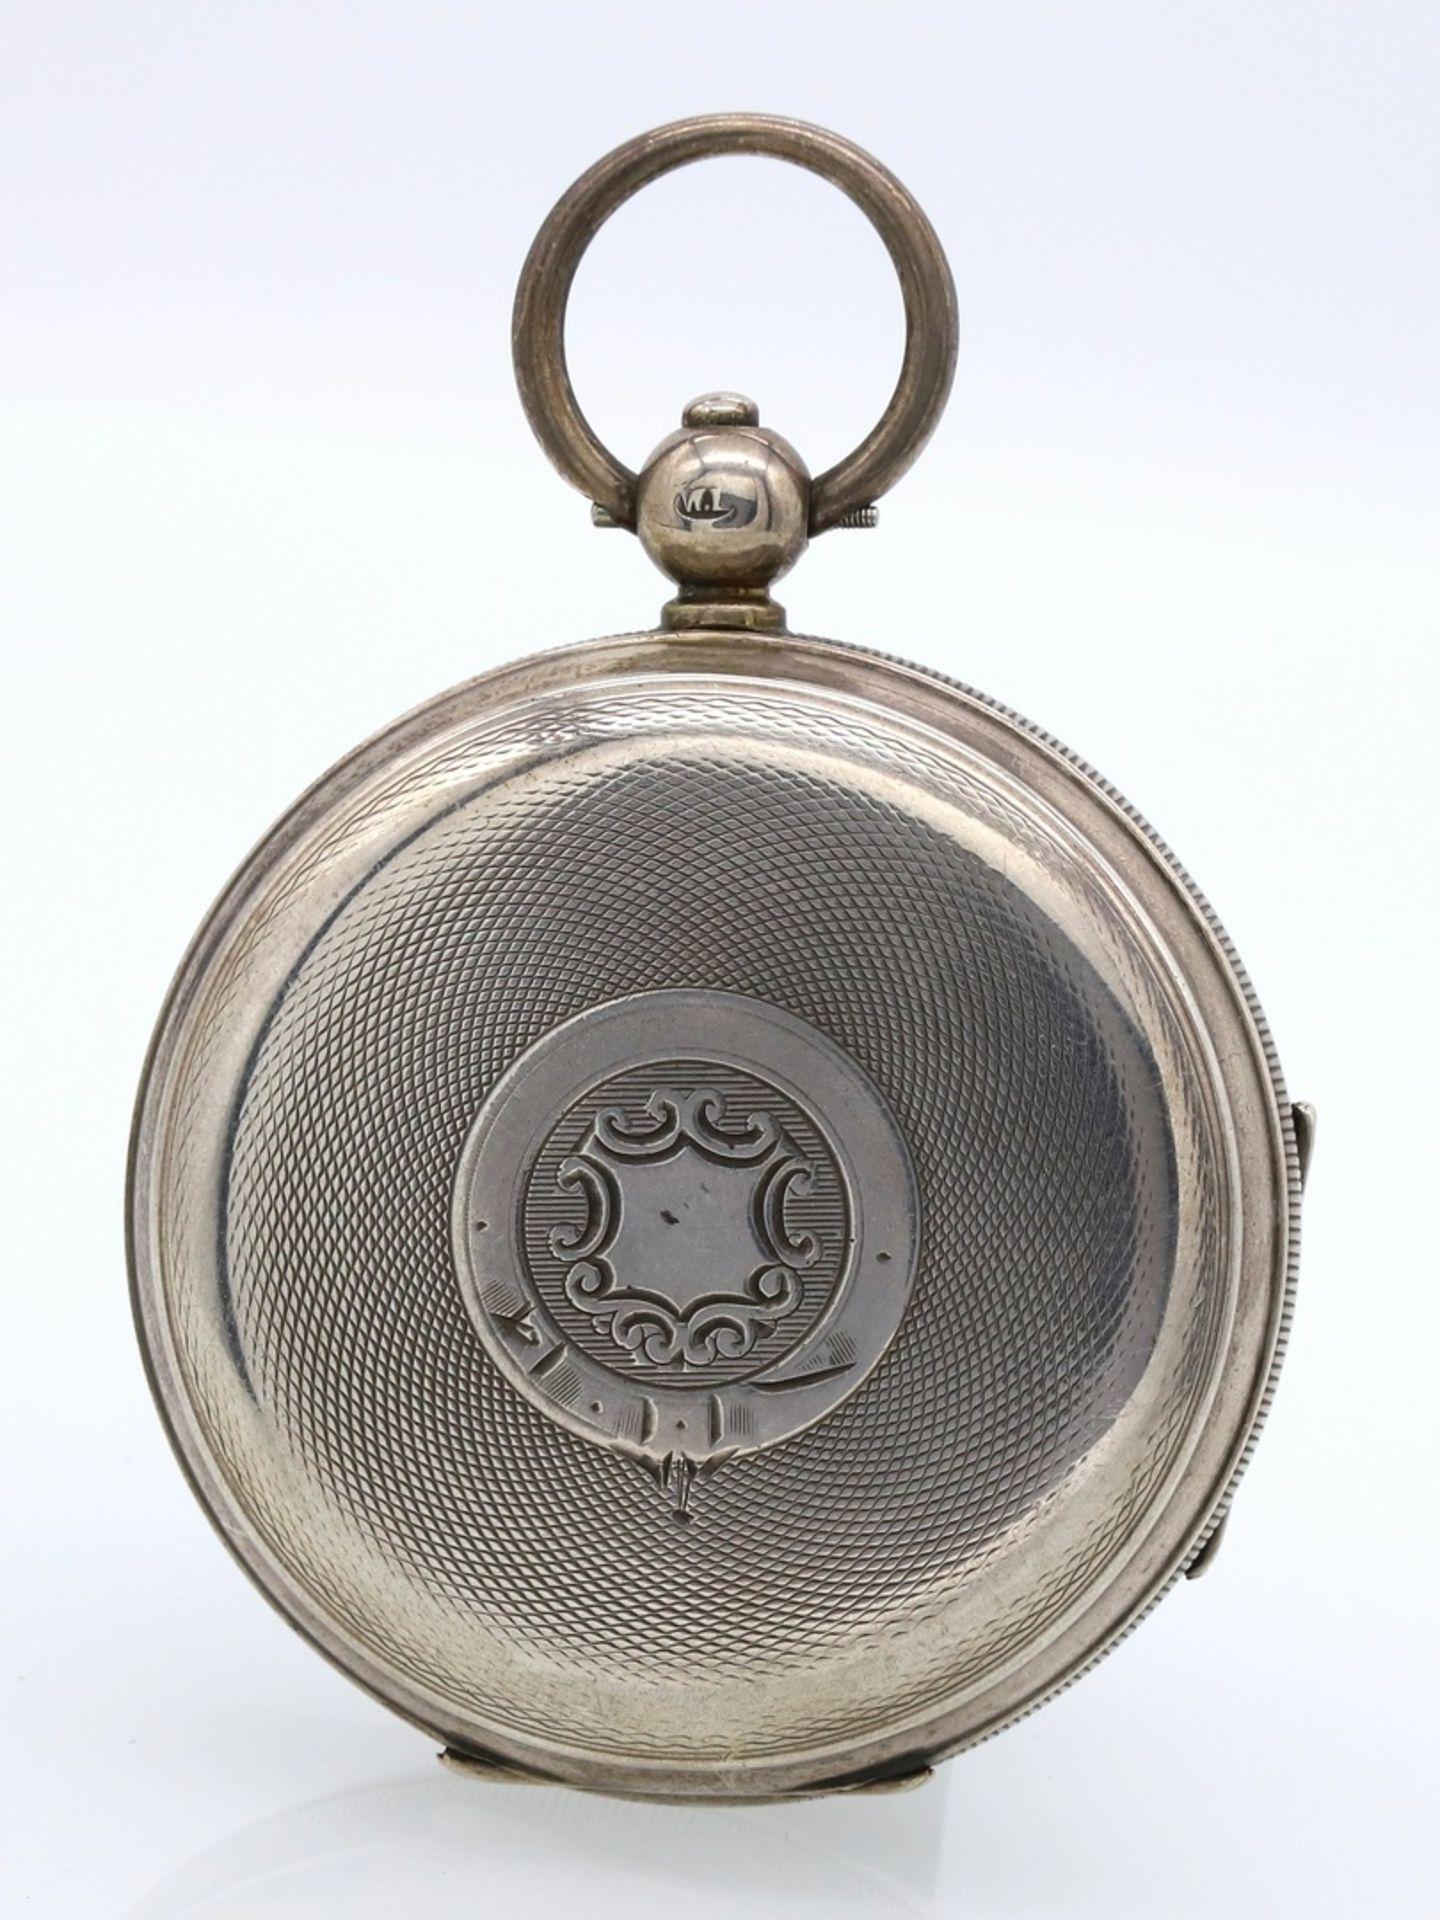 James Reid & Brothers Silber Taschenuhr, 1911 - Bild 6 aus 6